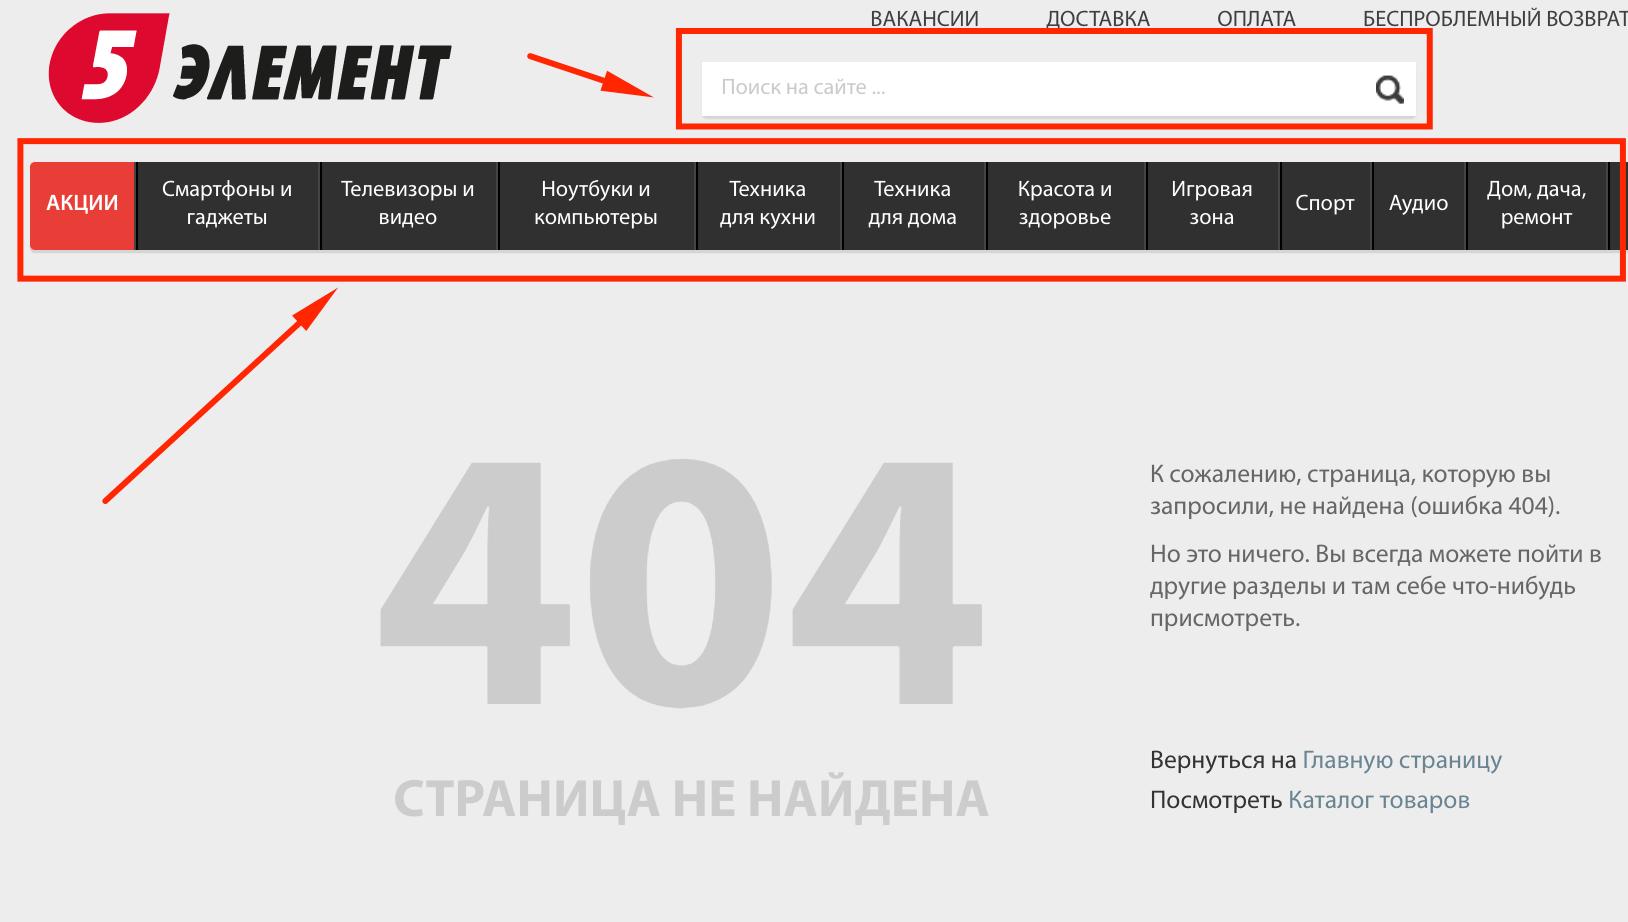 На 404 странице интернет-магазина 5element.by есть меню навигации и строка поиска для того, чтобы продолжить поиск нужного товара на сайте